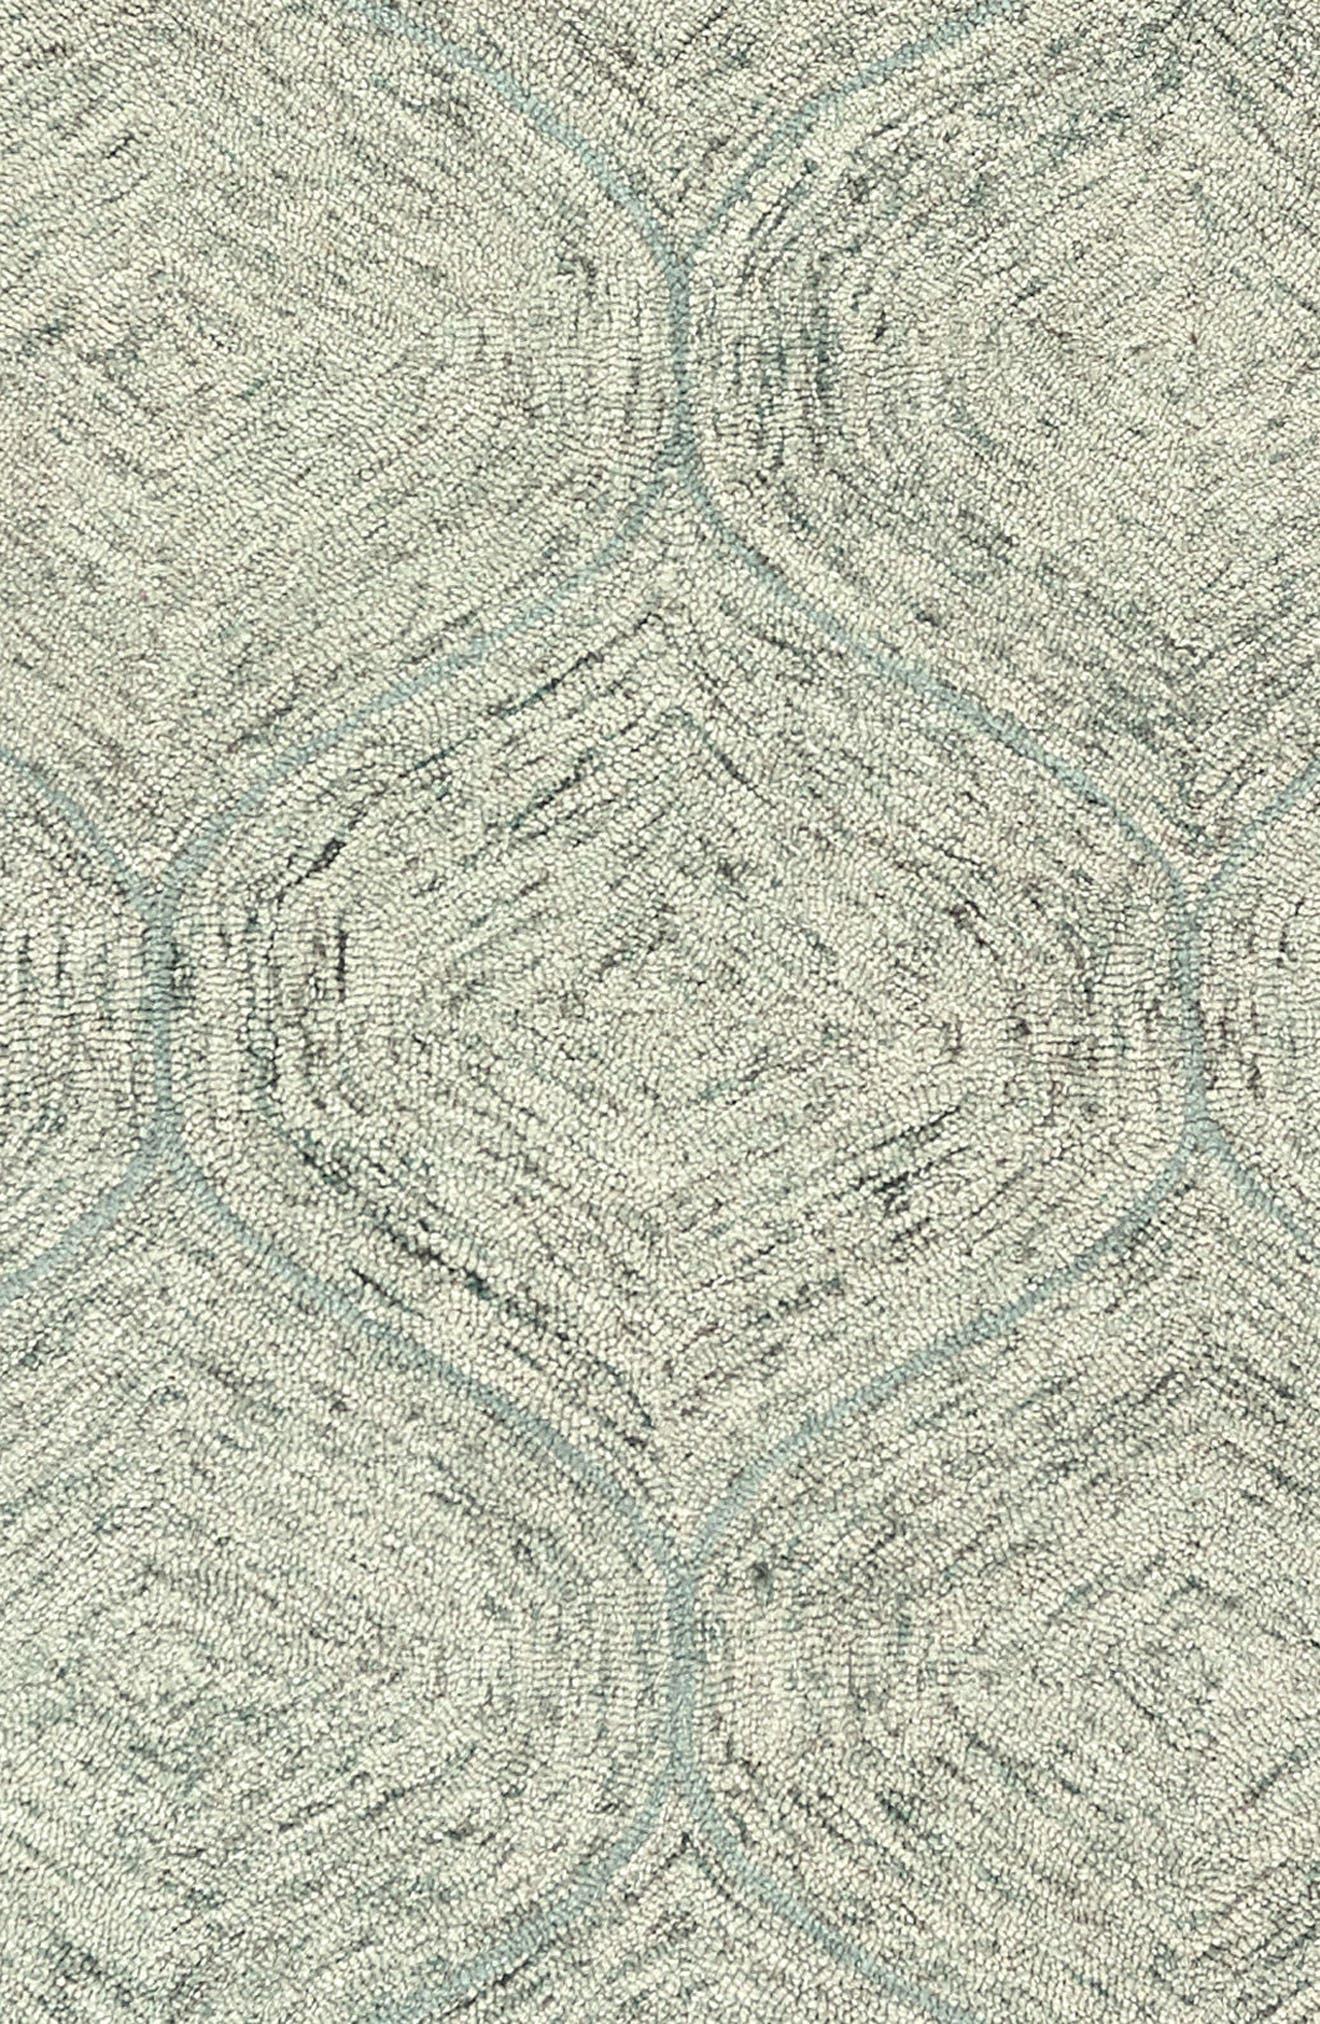 Irregular Diamond Hand Tufted Wool Area Rug,                             Alternate thumbnail 13, color,